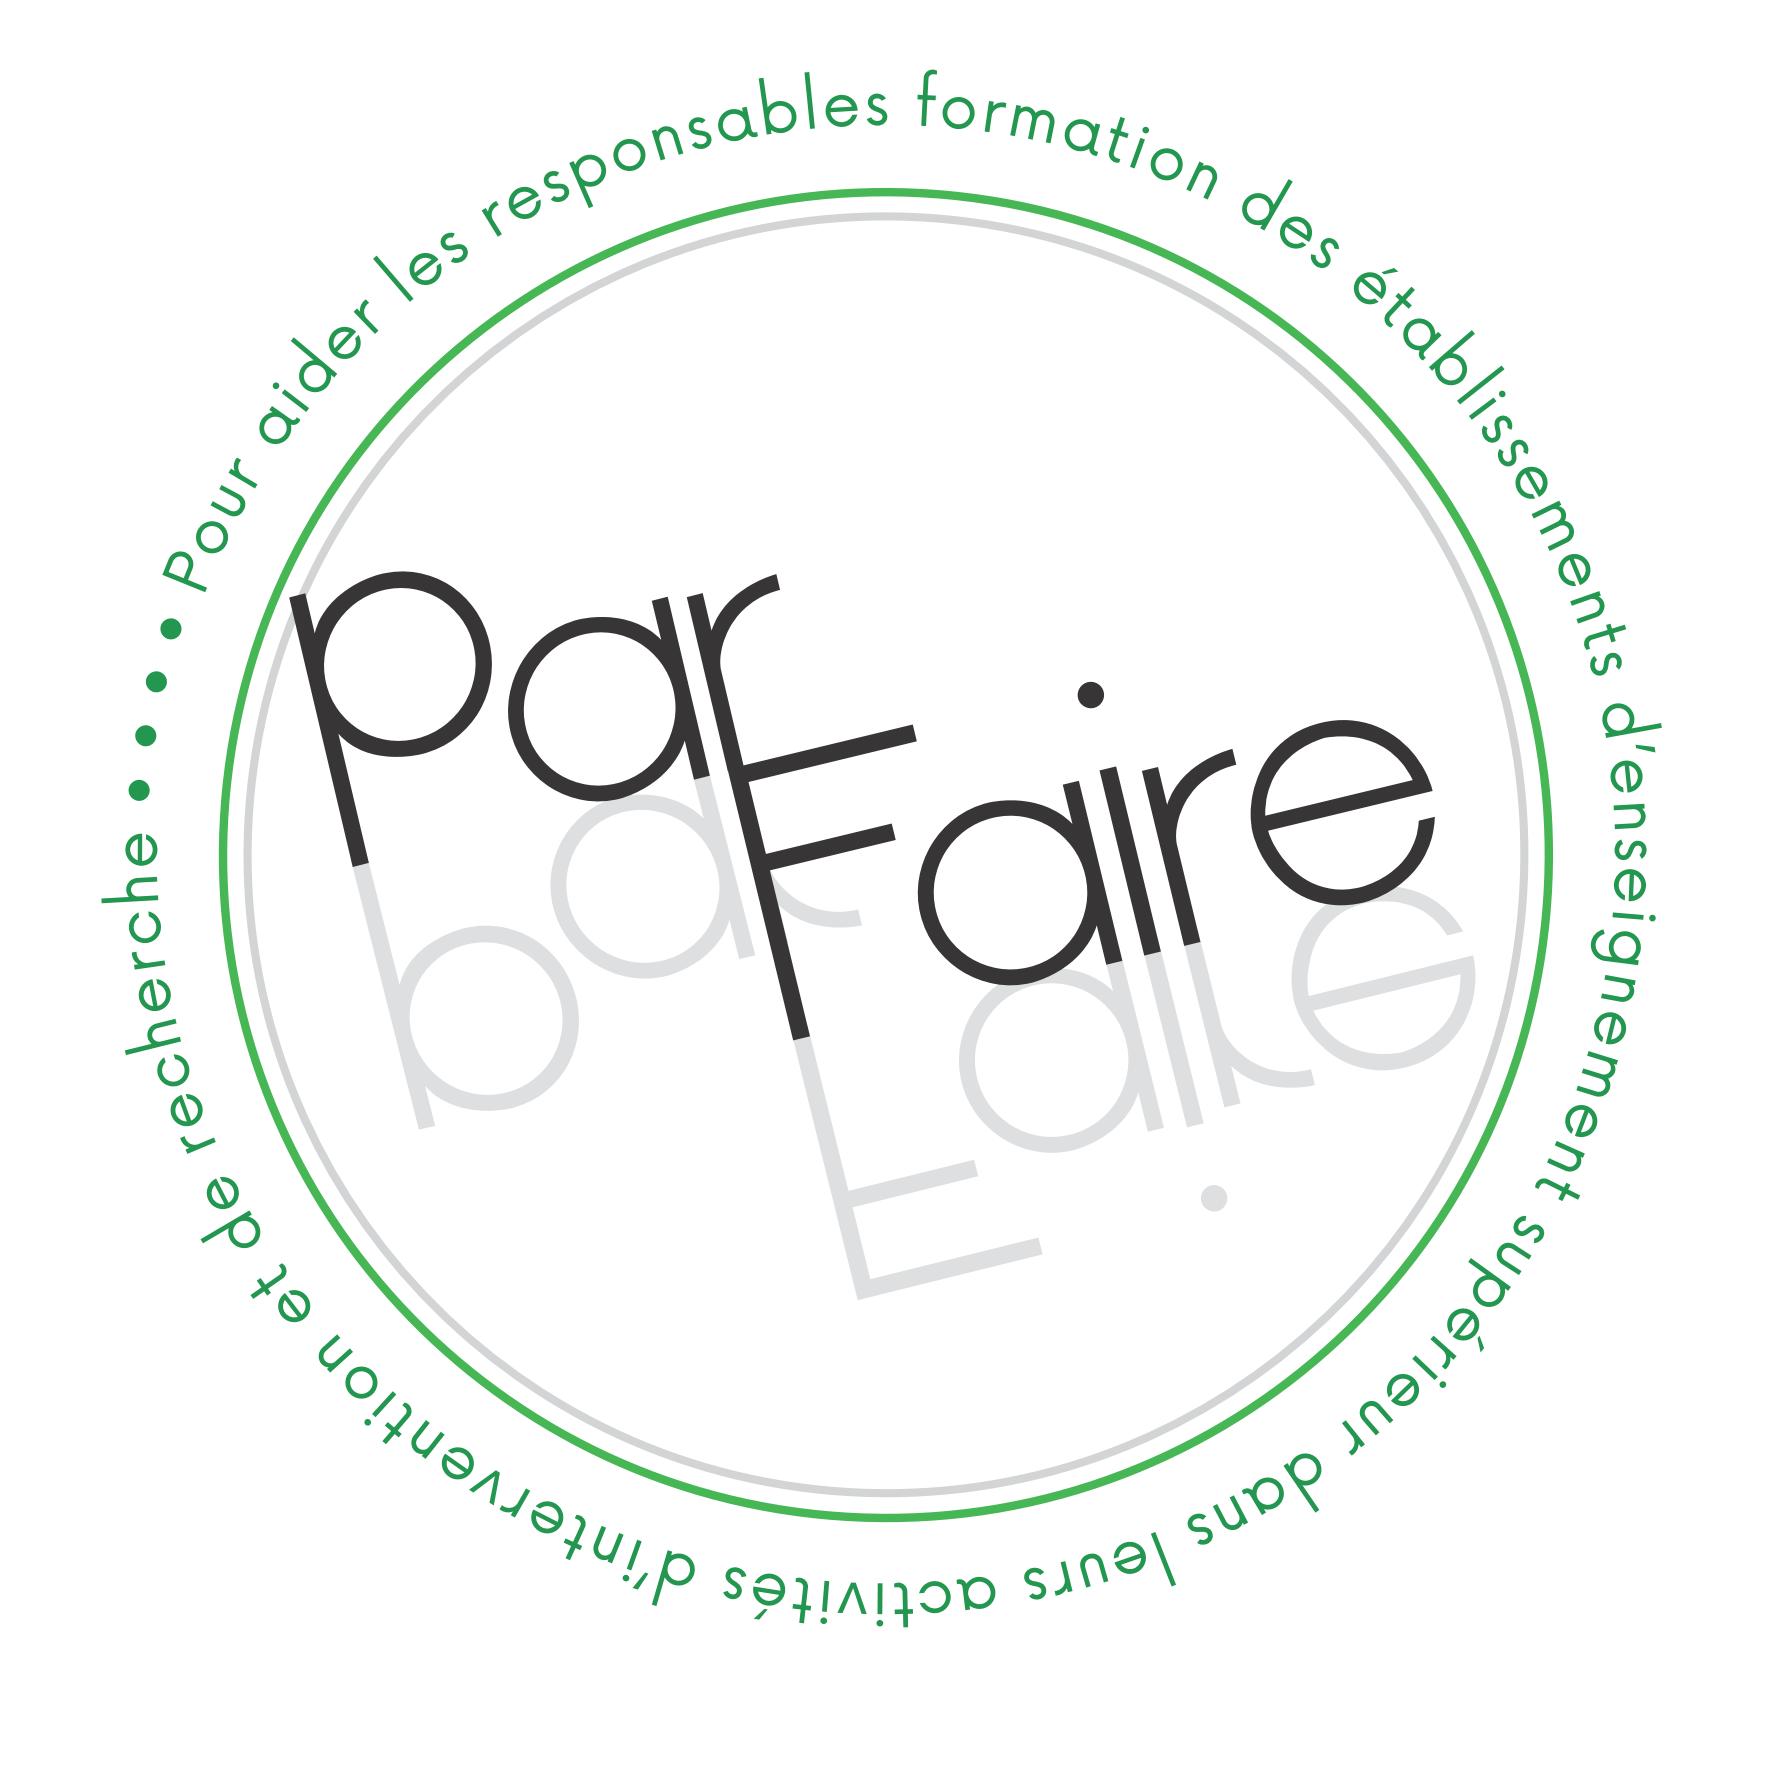 Logo_ParfaireVectorise_u_1_2.png